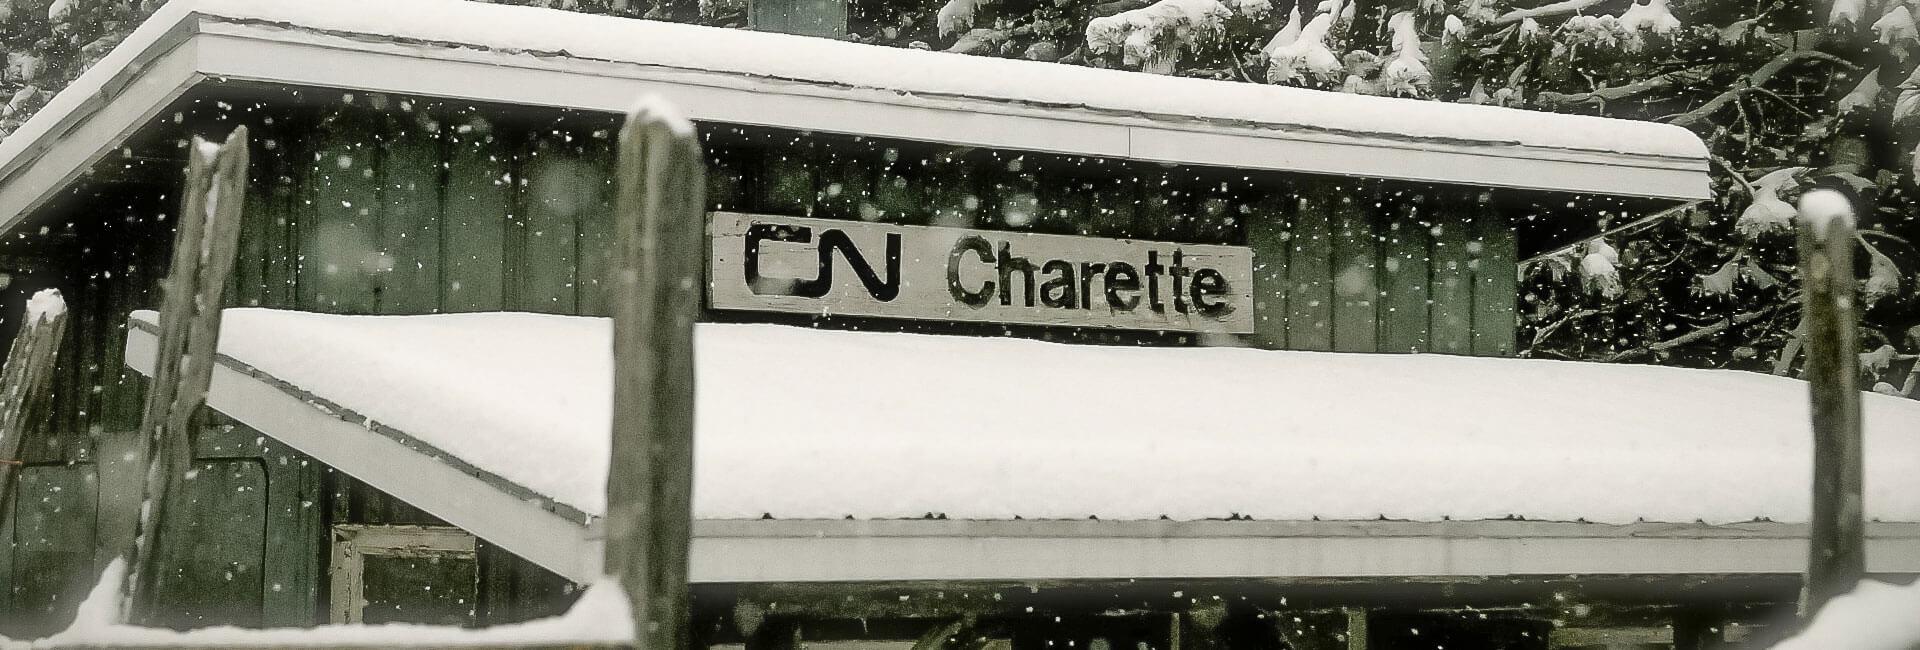 CN Charette